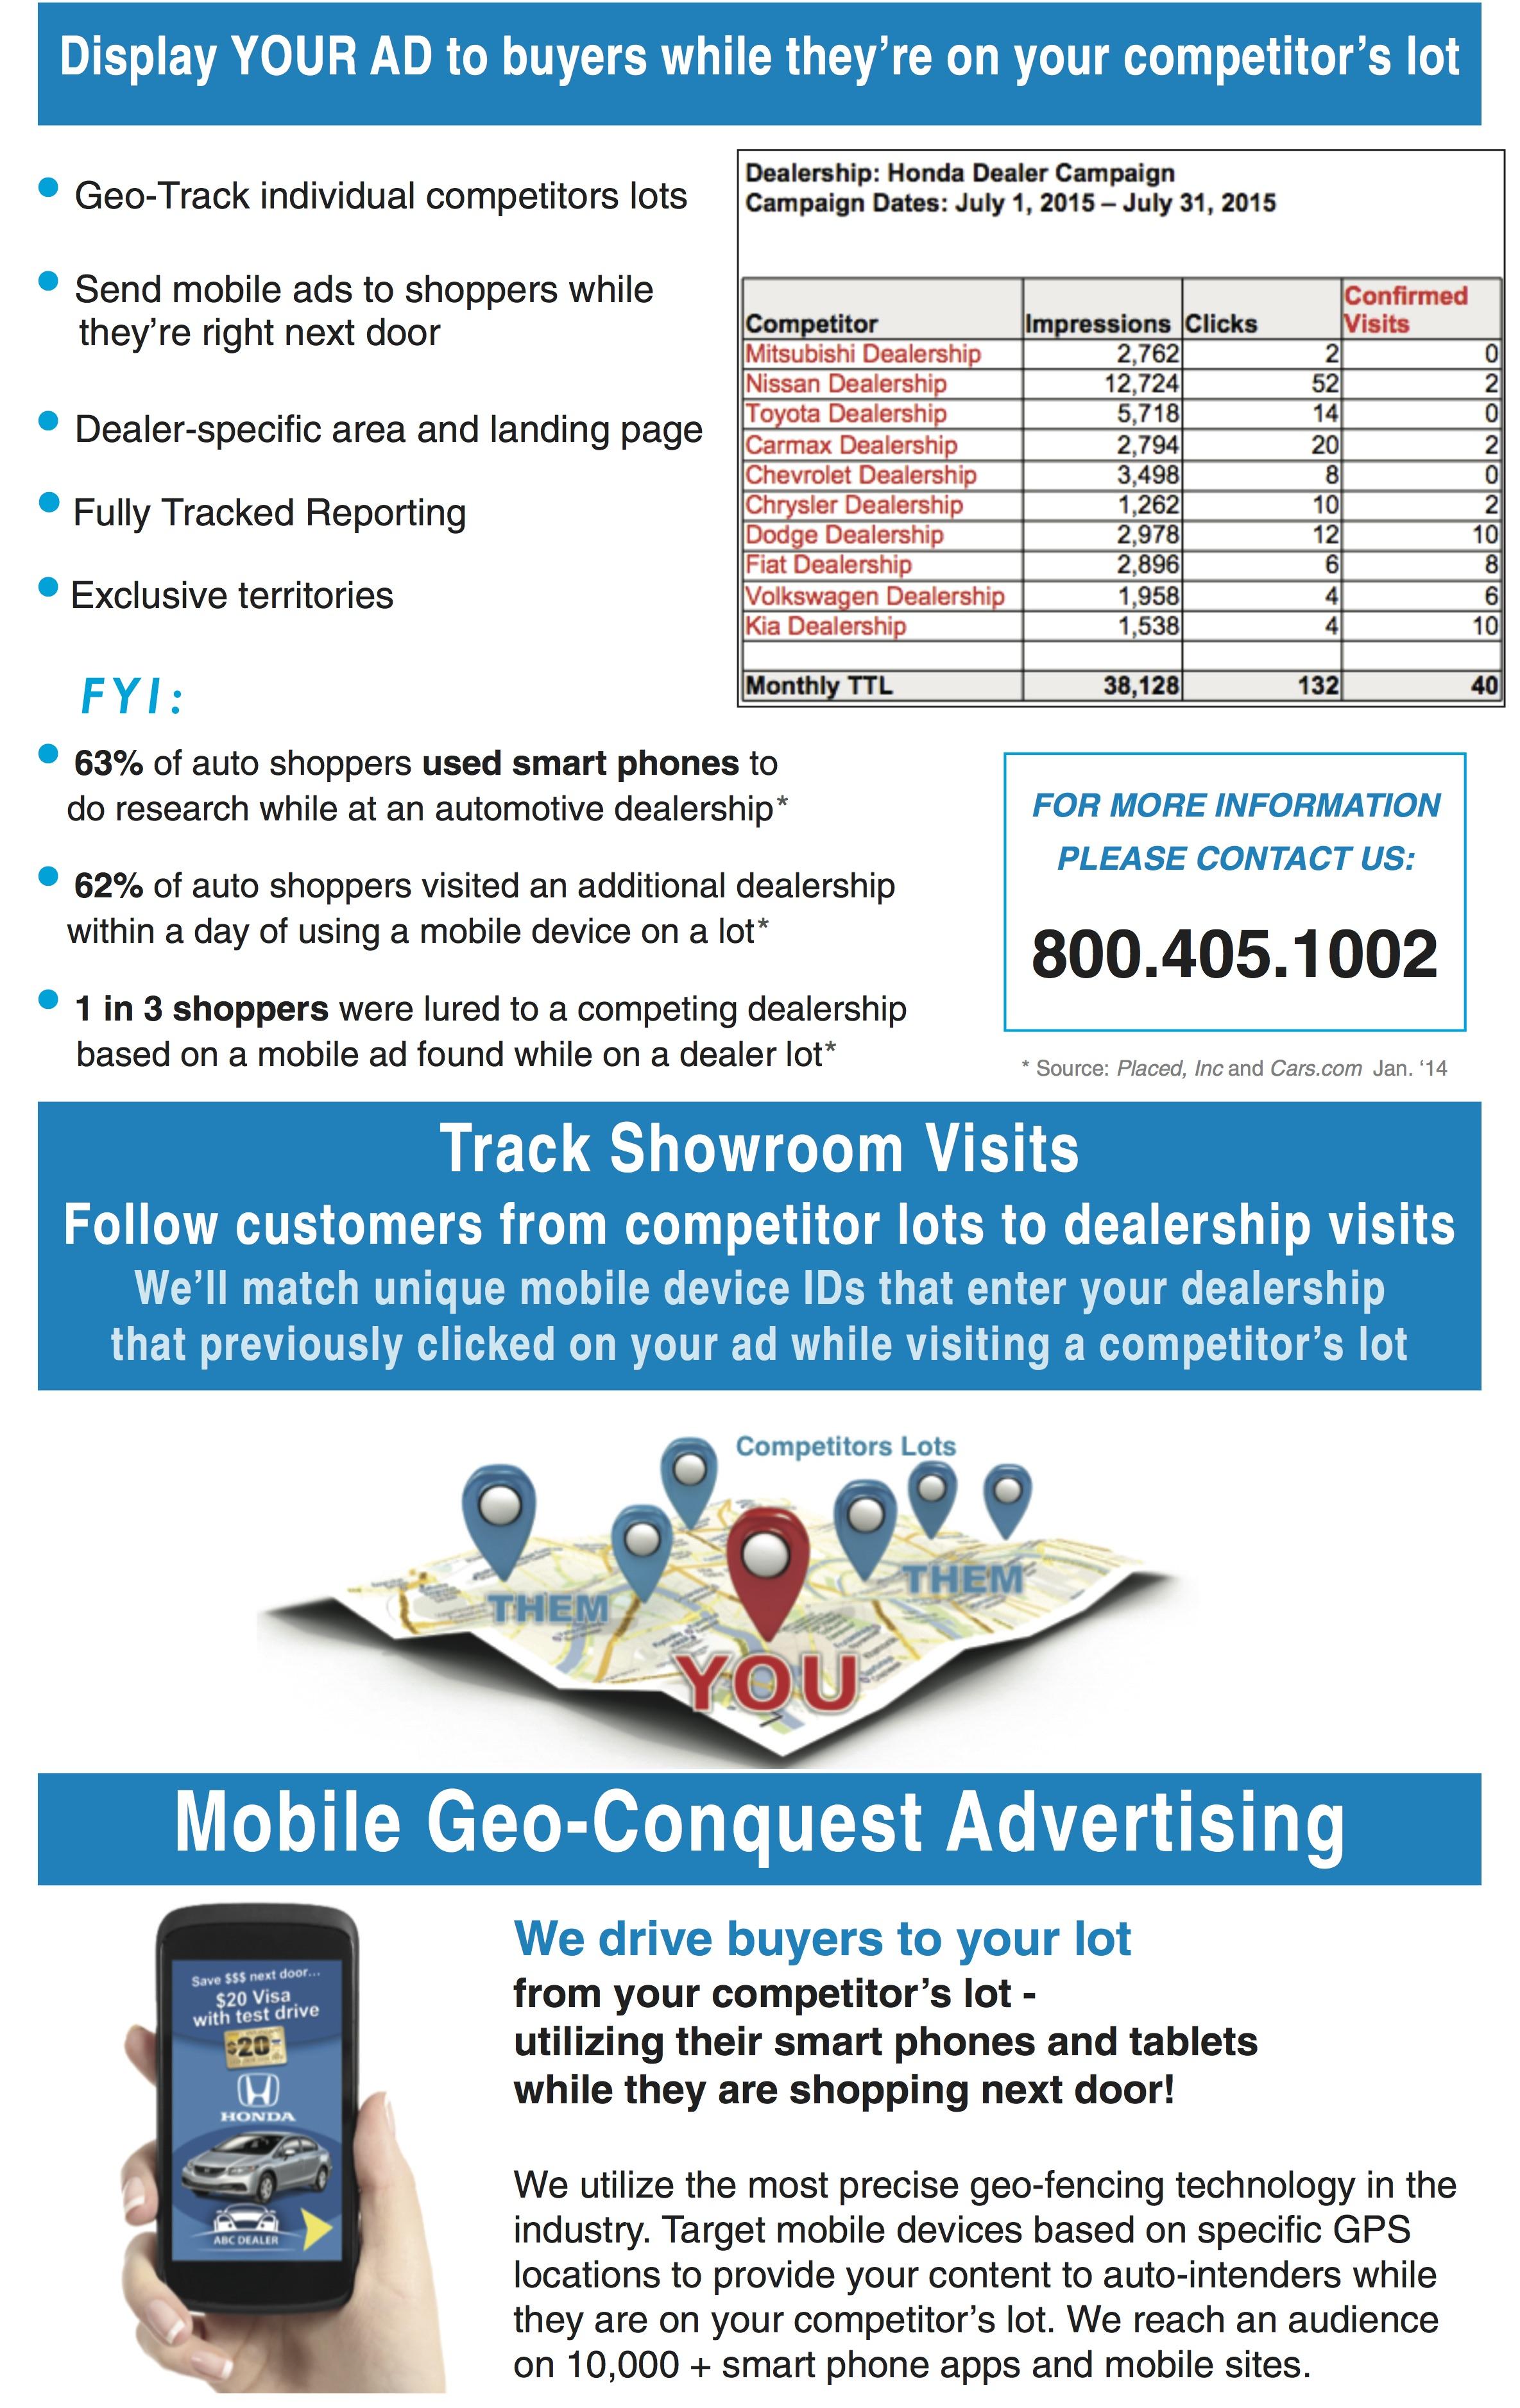 Mobile Geo Conquest